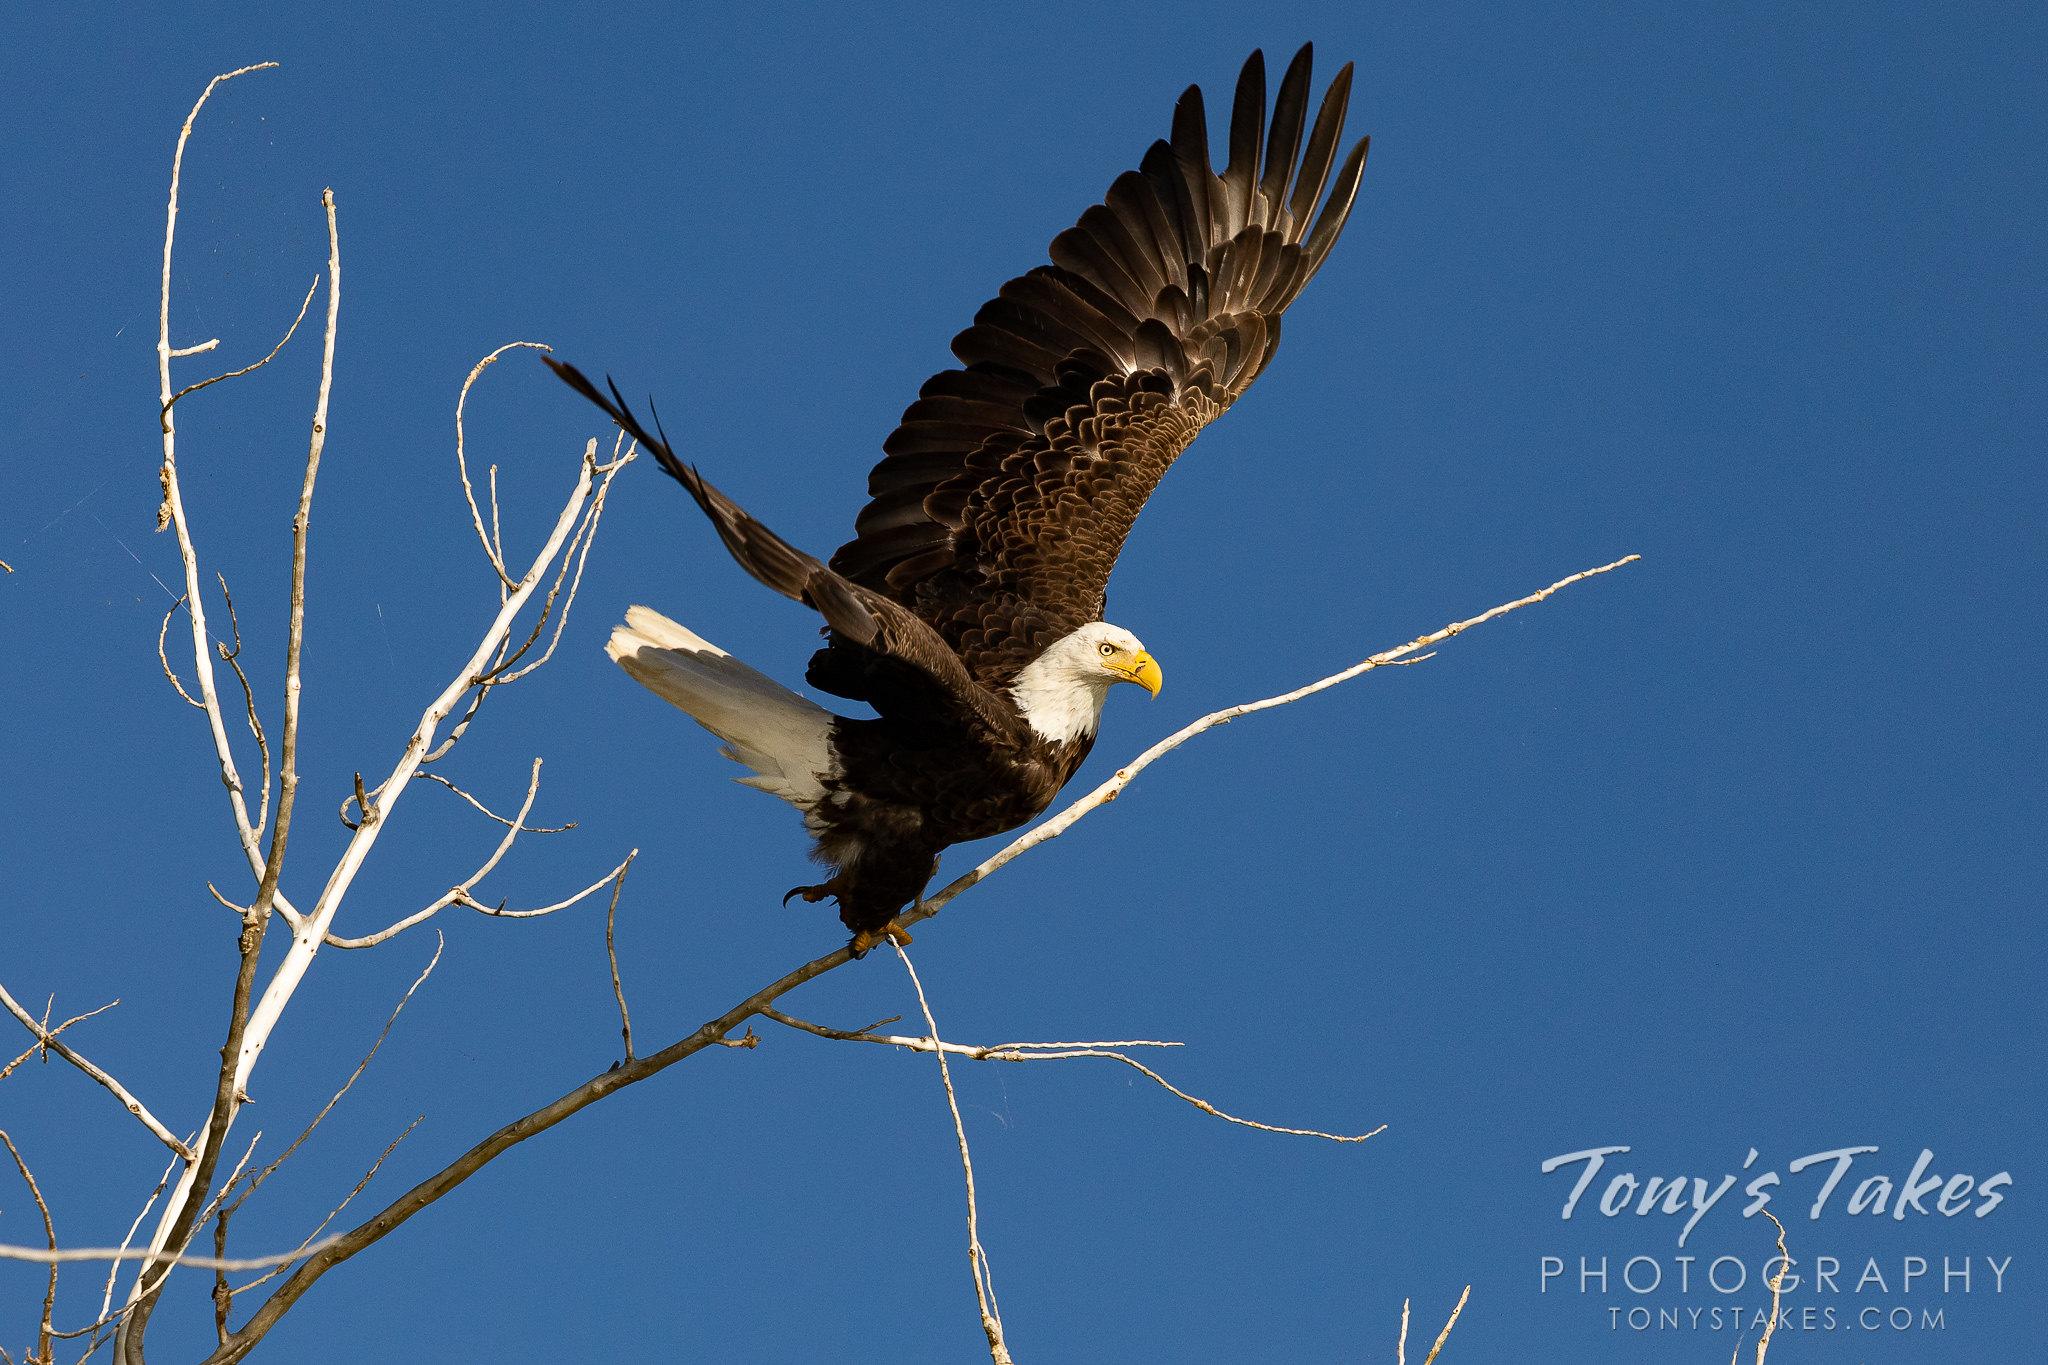 Bald eagle launching into the workweek